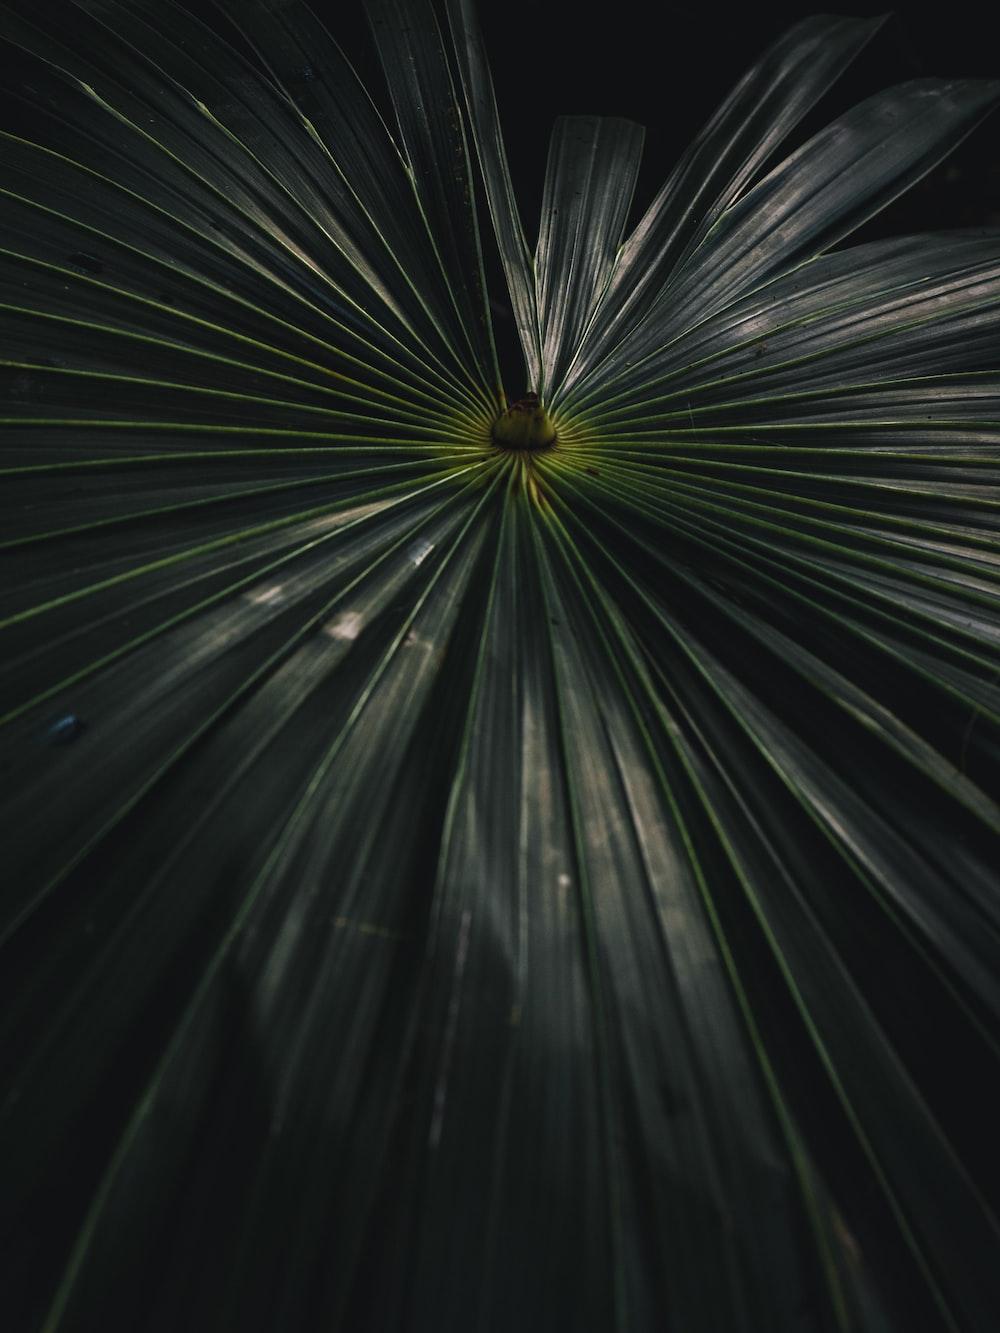 green palm plant leaf